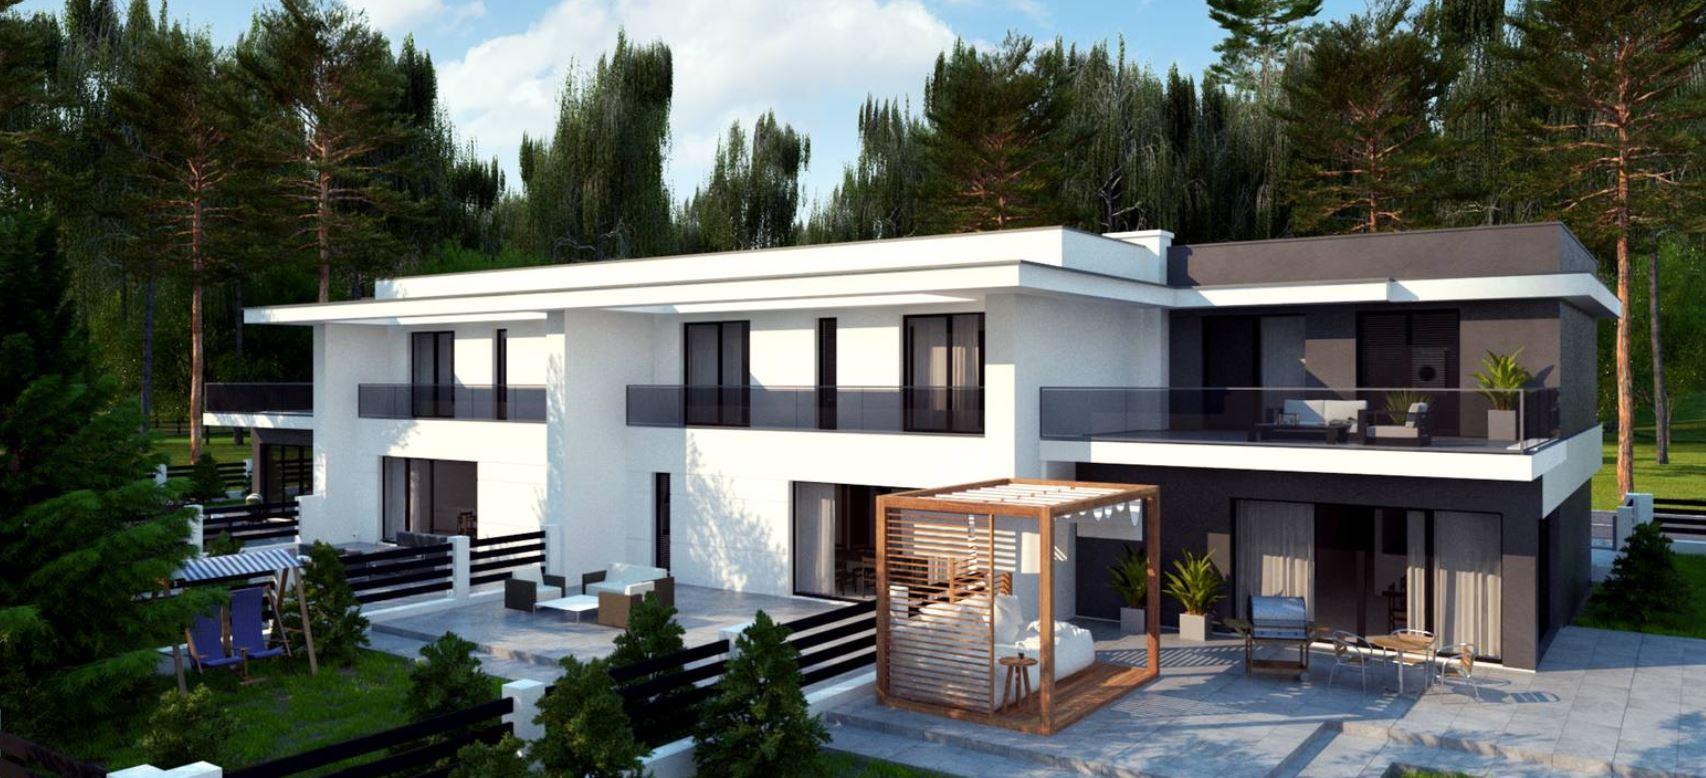 wizualizacje bliźniaków nowoczesnych domów